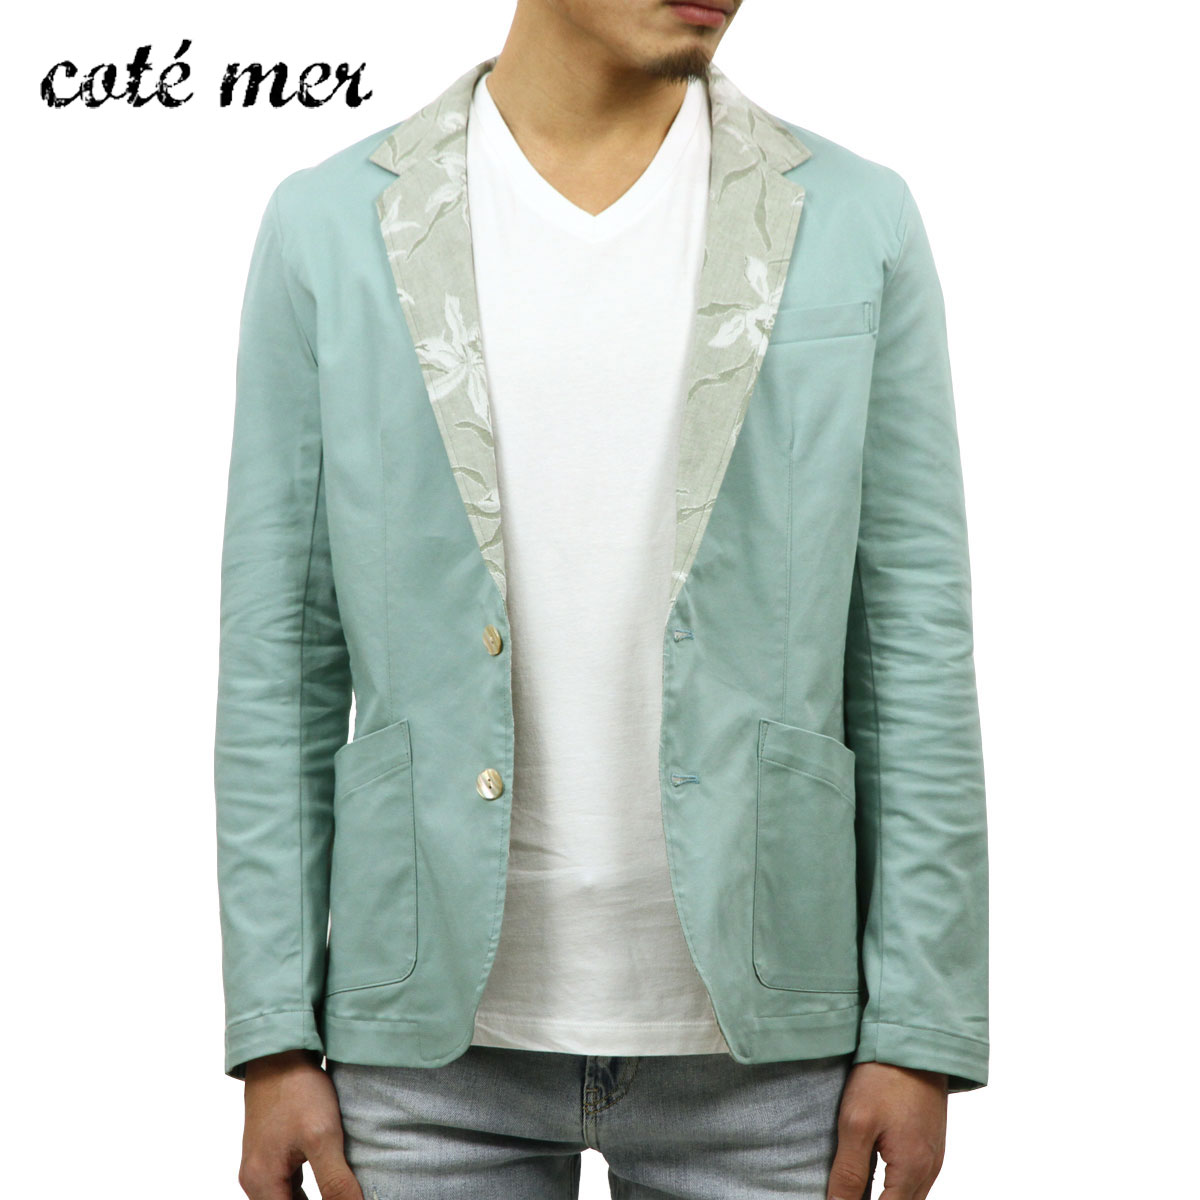 コートメール Cotemer メンズ テーラードジャケット tailoerd jacket JK-S13-009 GREEN A59B B1C C1D D4E E08F